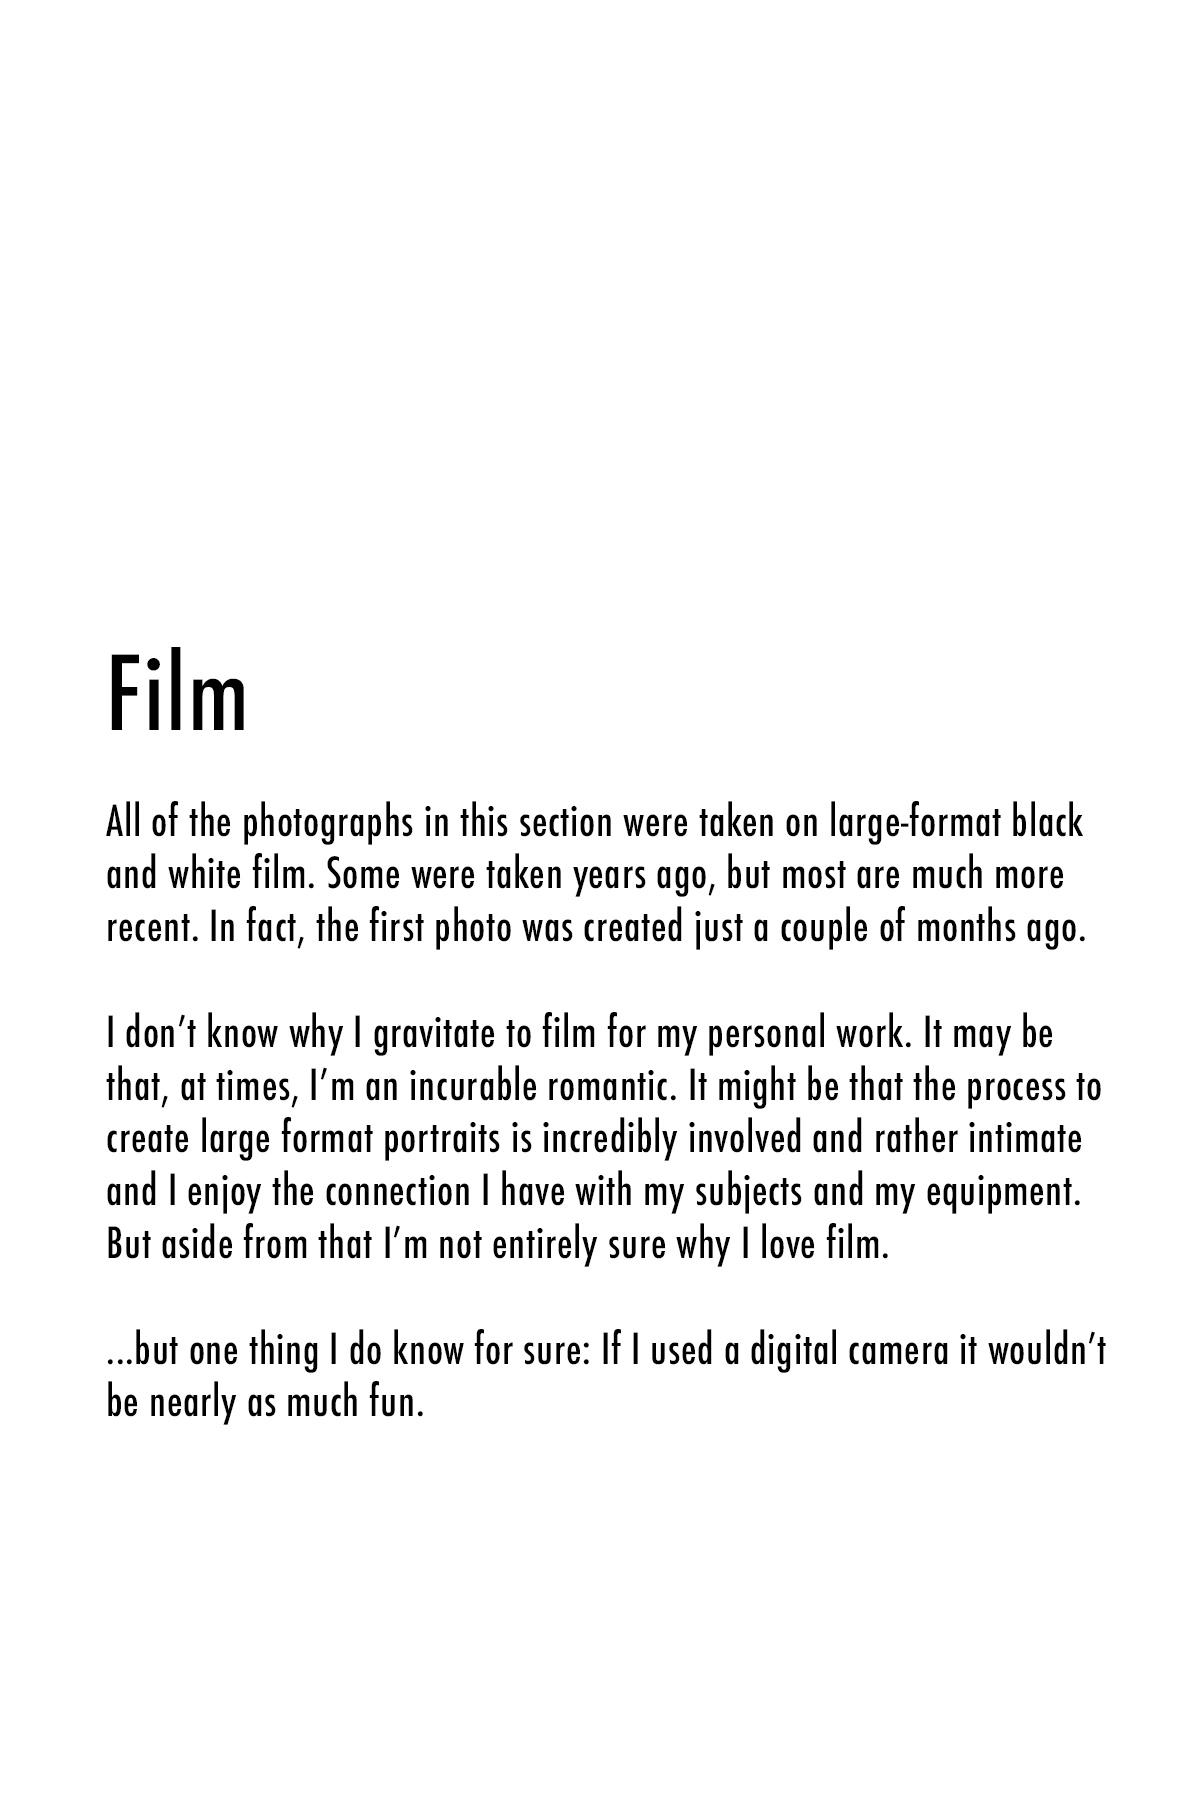 Film_Blurb.jpg